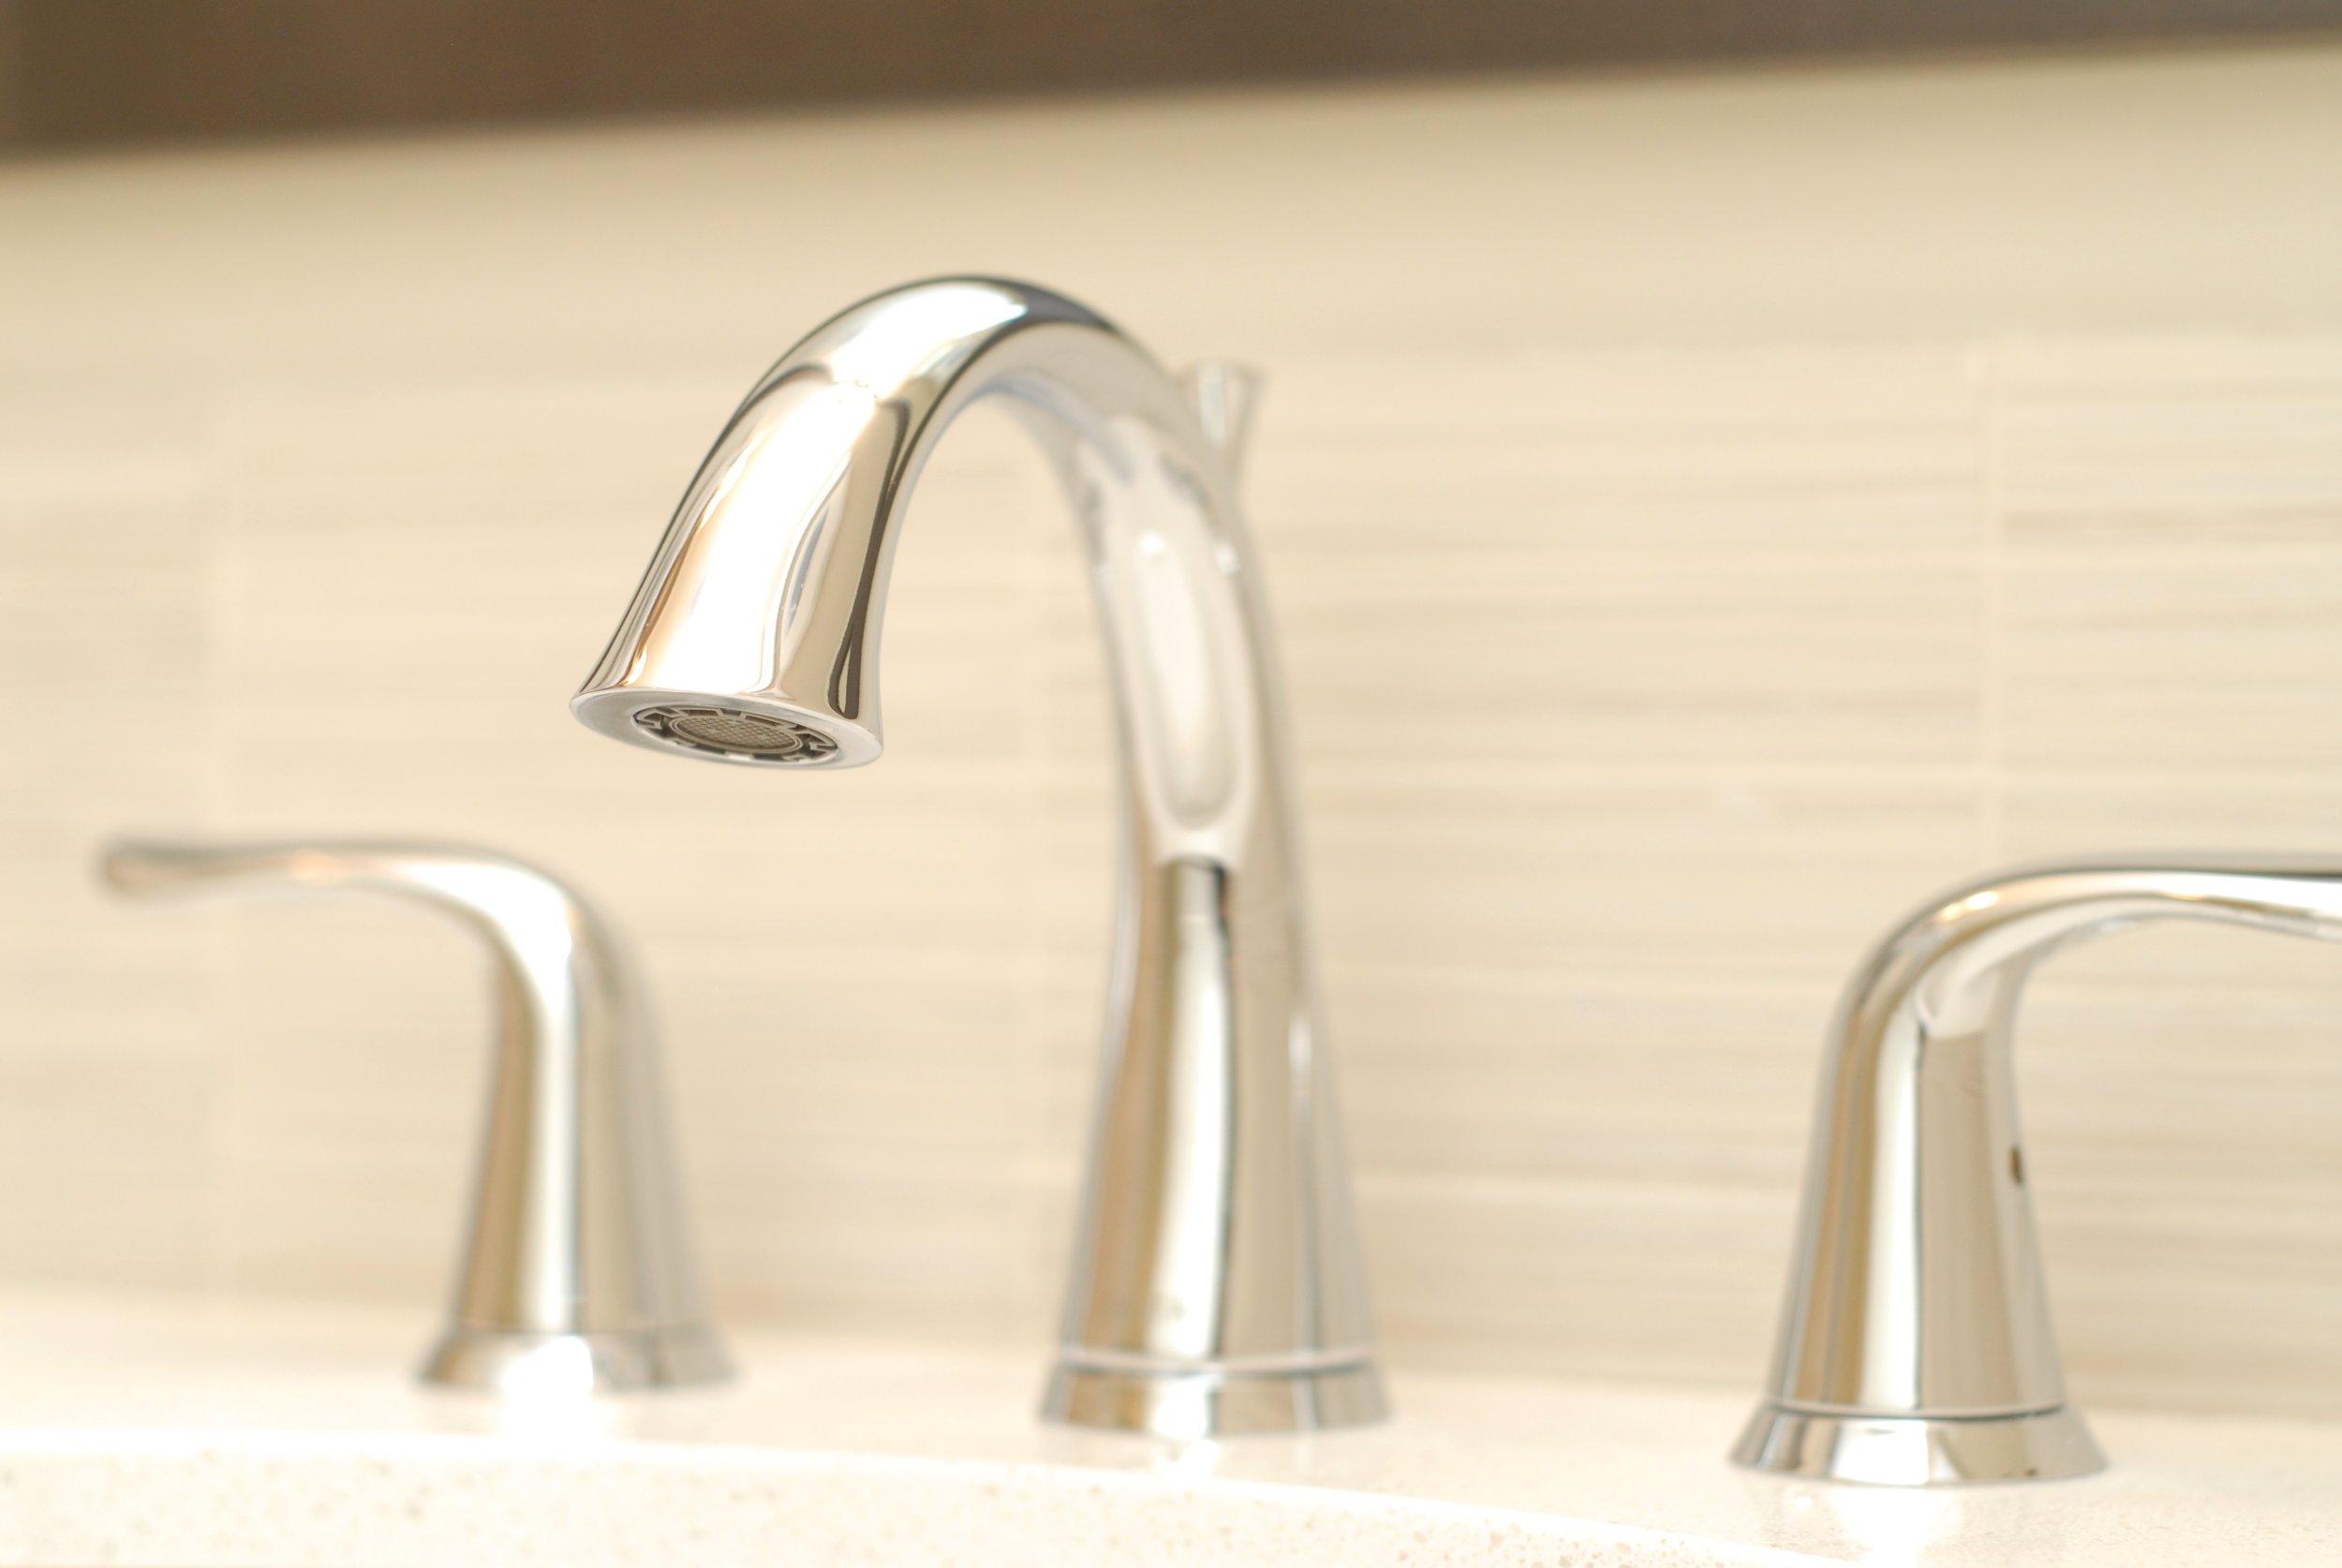 Lustrous Delta chrome faucet